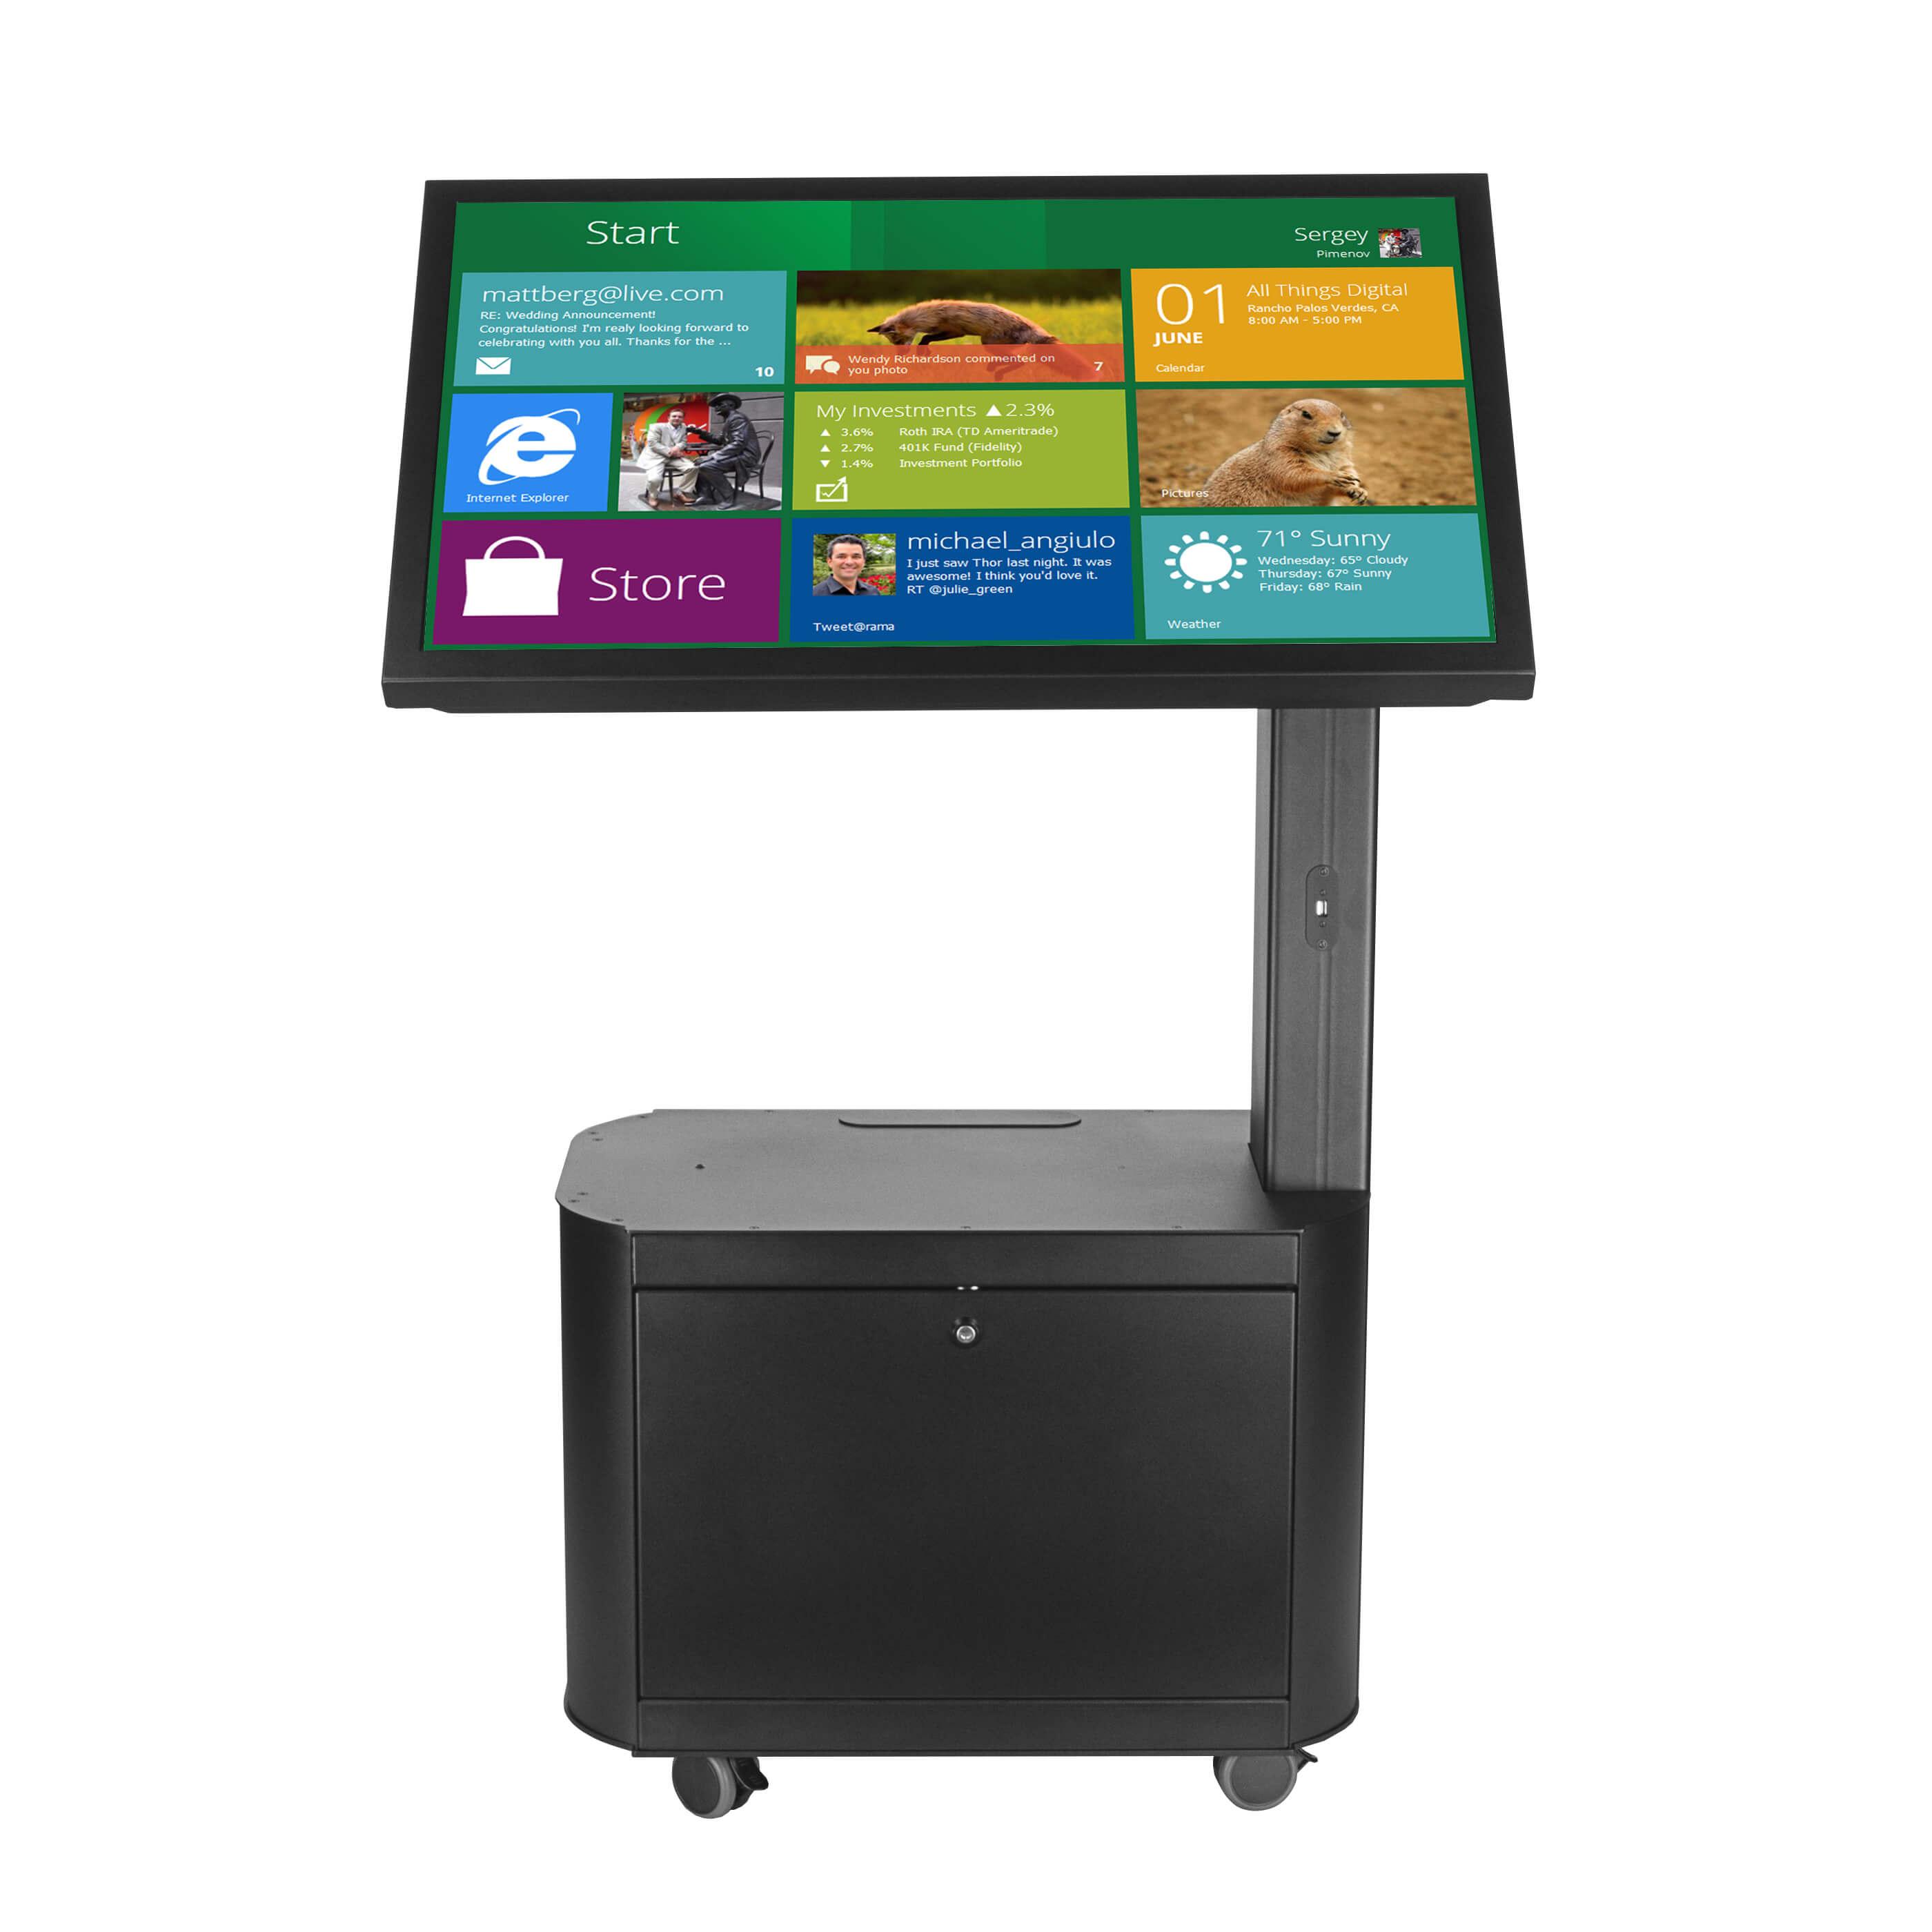 Borne interactive Philips avec imprimante écran tactile